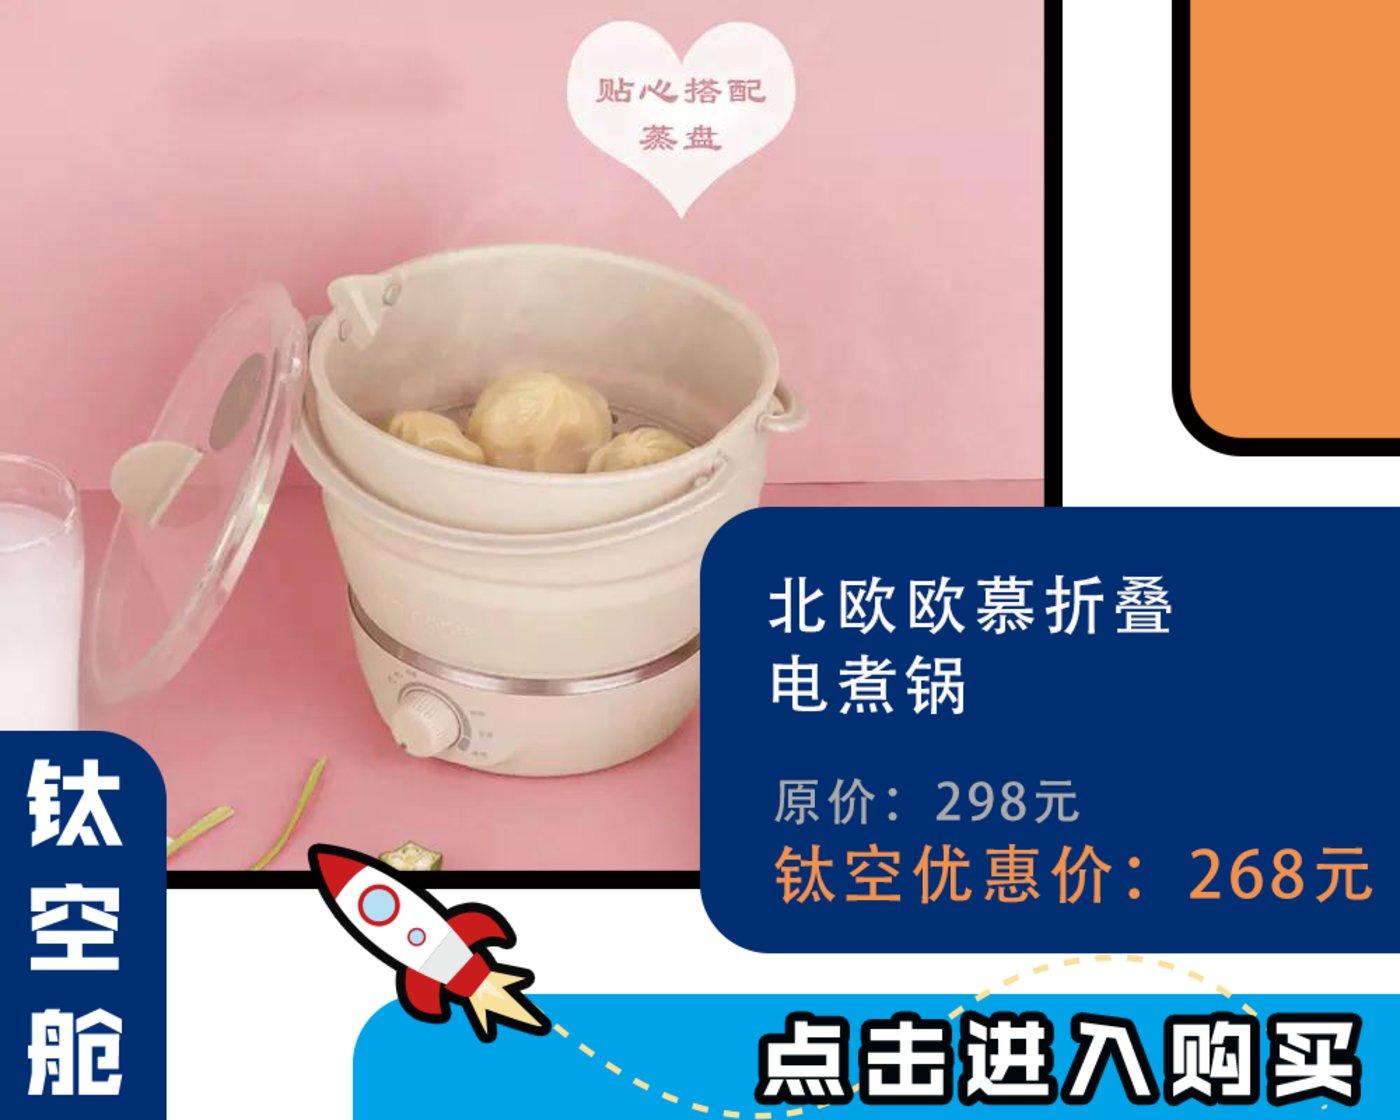 学生党、吃货必备,一秒拍扁带走的小火锅,陪你吃遍全世界!   钛空舱